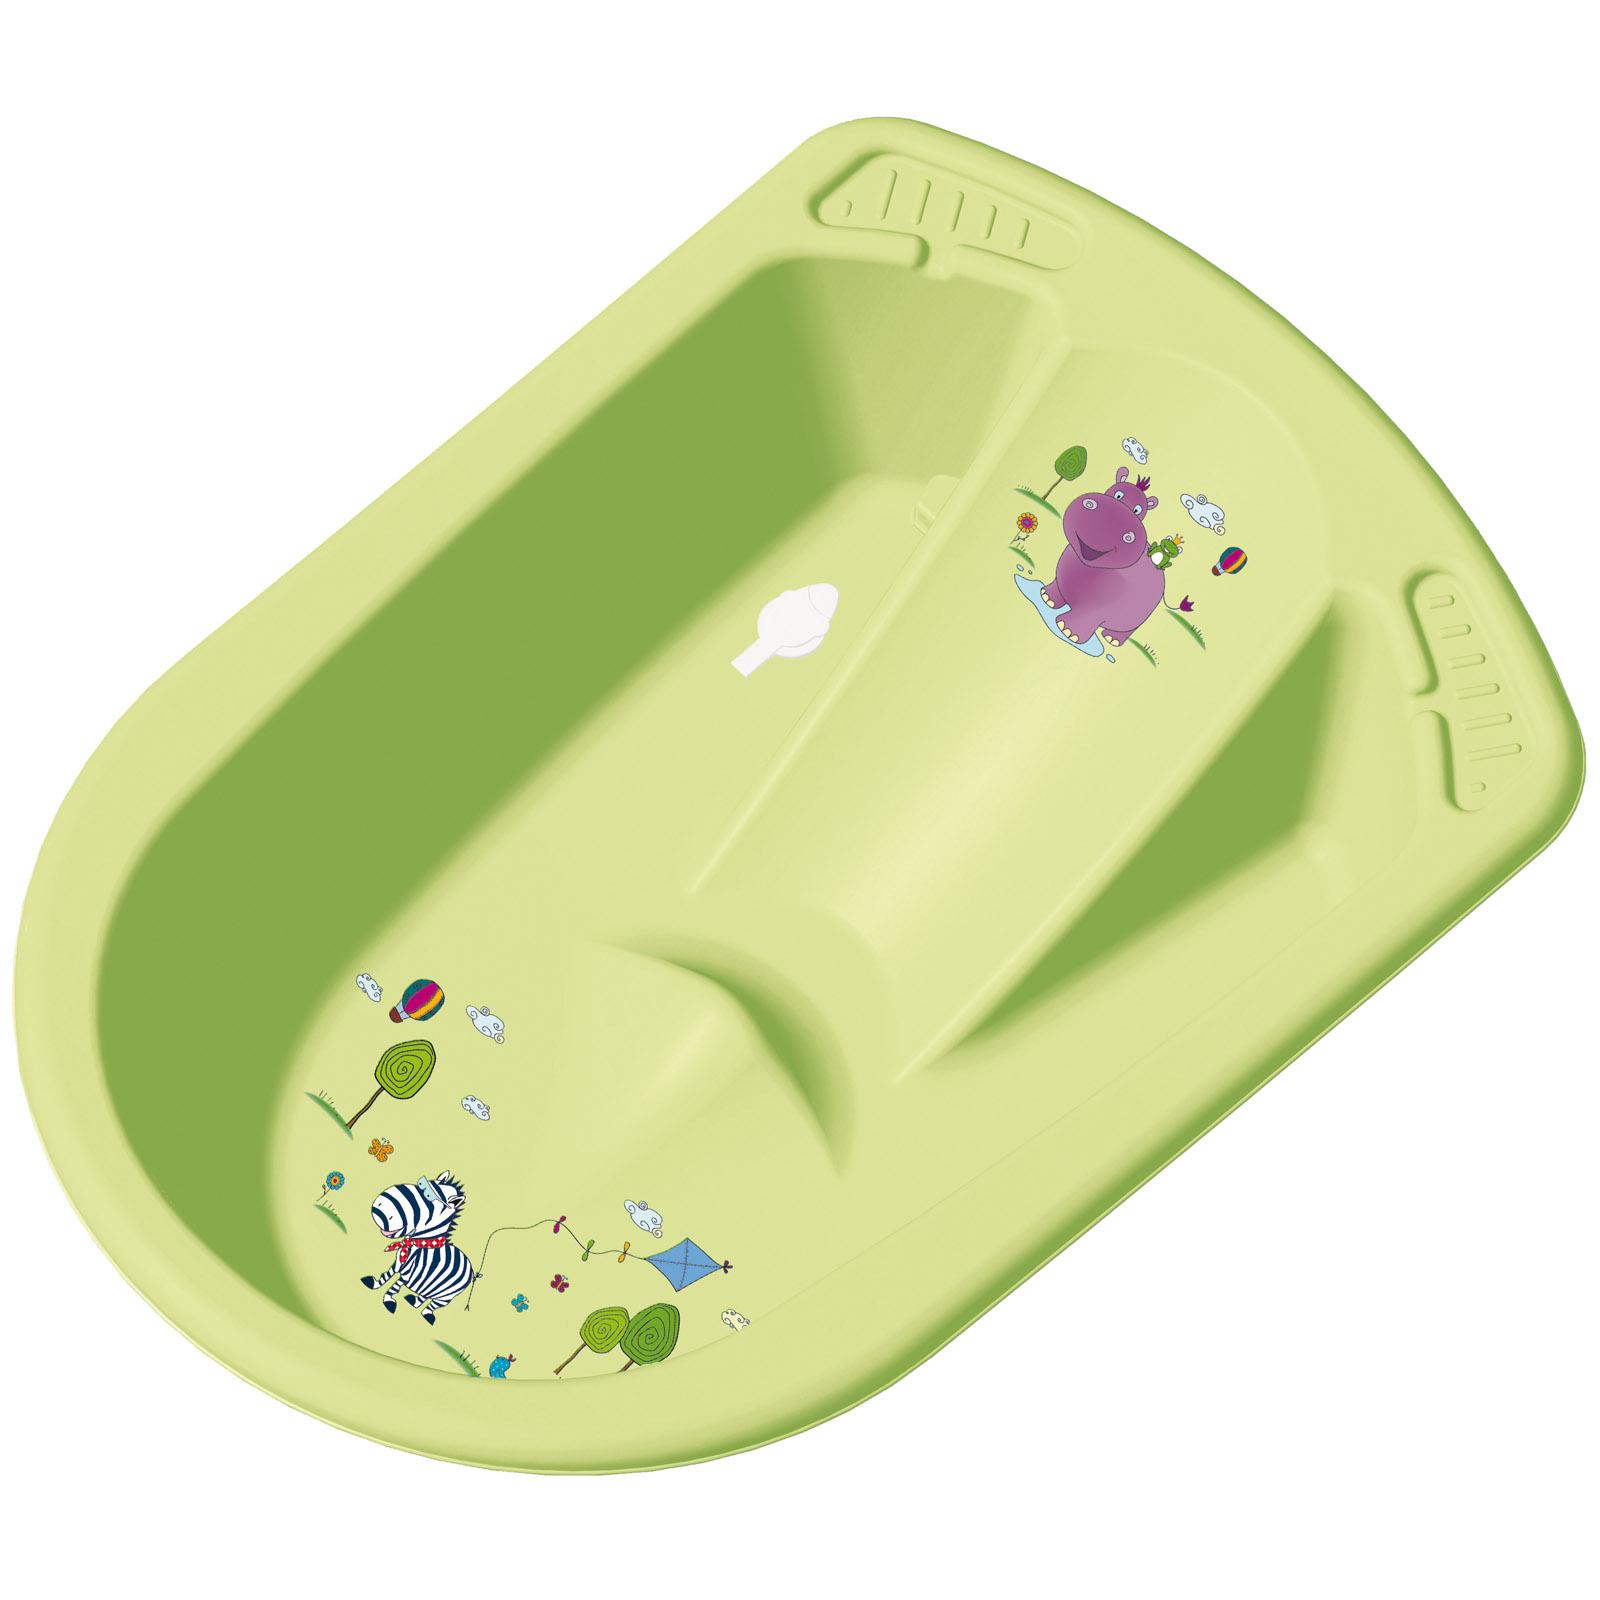 Ванна анатомическая ОКТHippo со сливом цвет - салатовый<br>